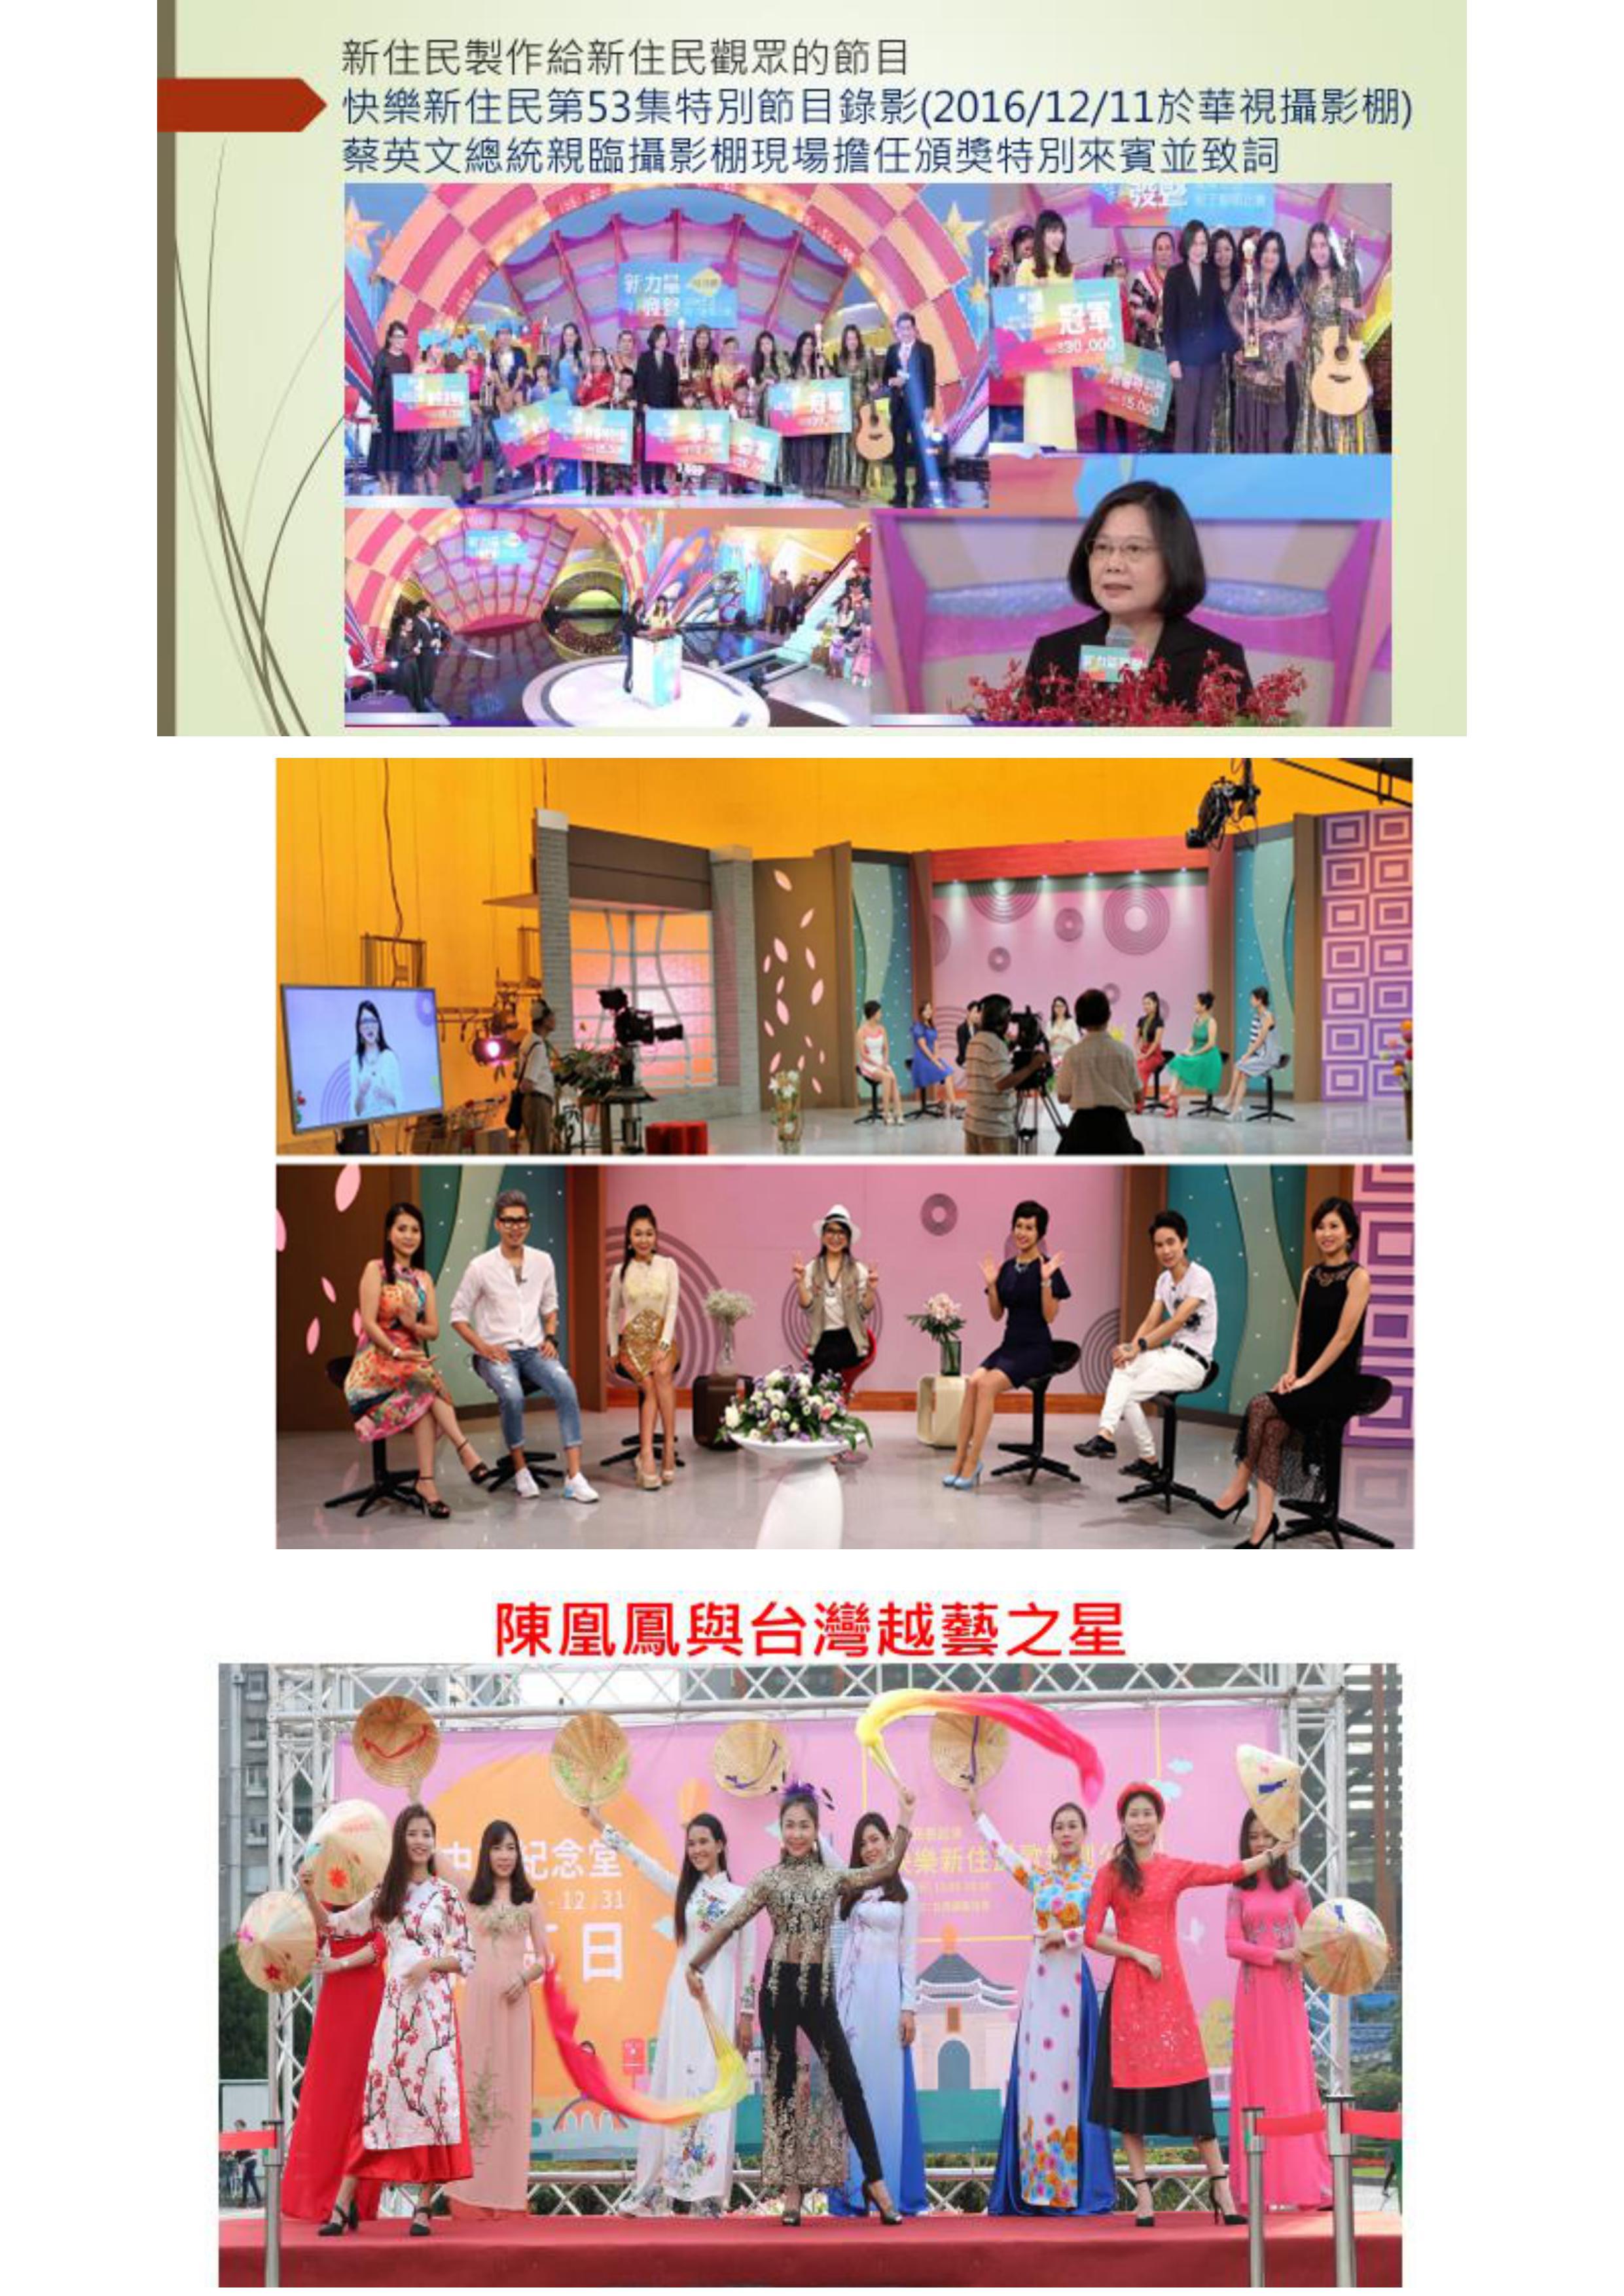 0005.jpg - 陳凰鳳與越藝之星-Ngôi sao Việt tại Đài Loan-NCTV台灣新住民媒體